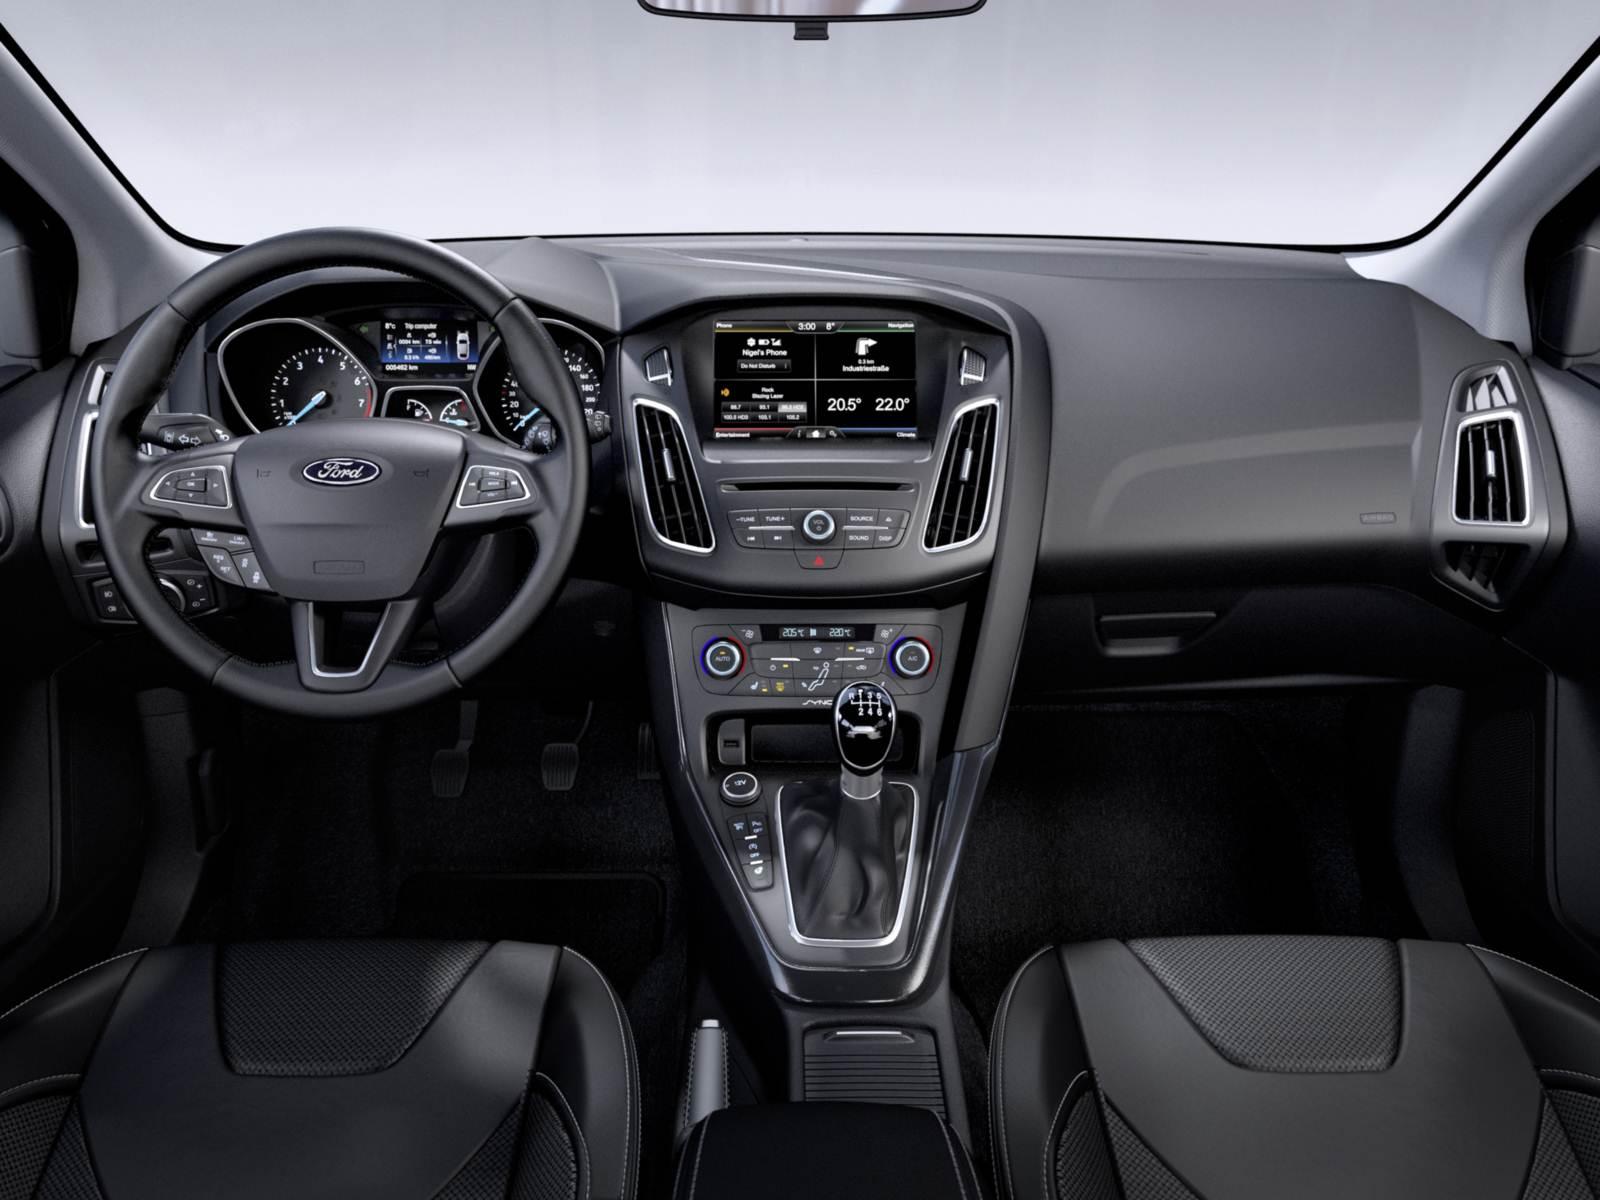 Novo Ford Focus 2015 - interior - painel